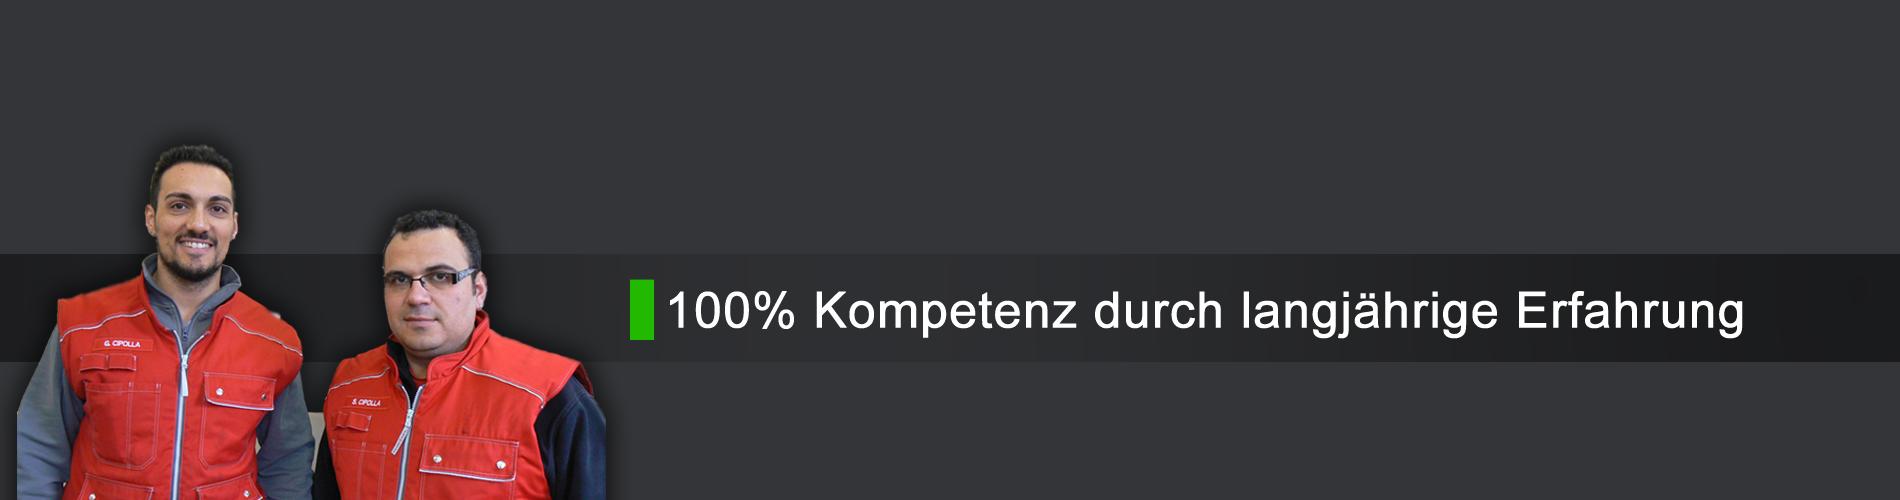 100% Kompetenz bei GSC-KFZBetrieb.de - Transporter , Wohnmobil und PKW Werkstatt in Wetzlar